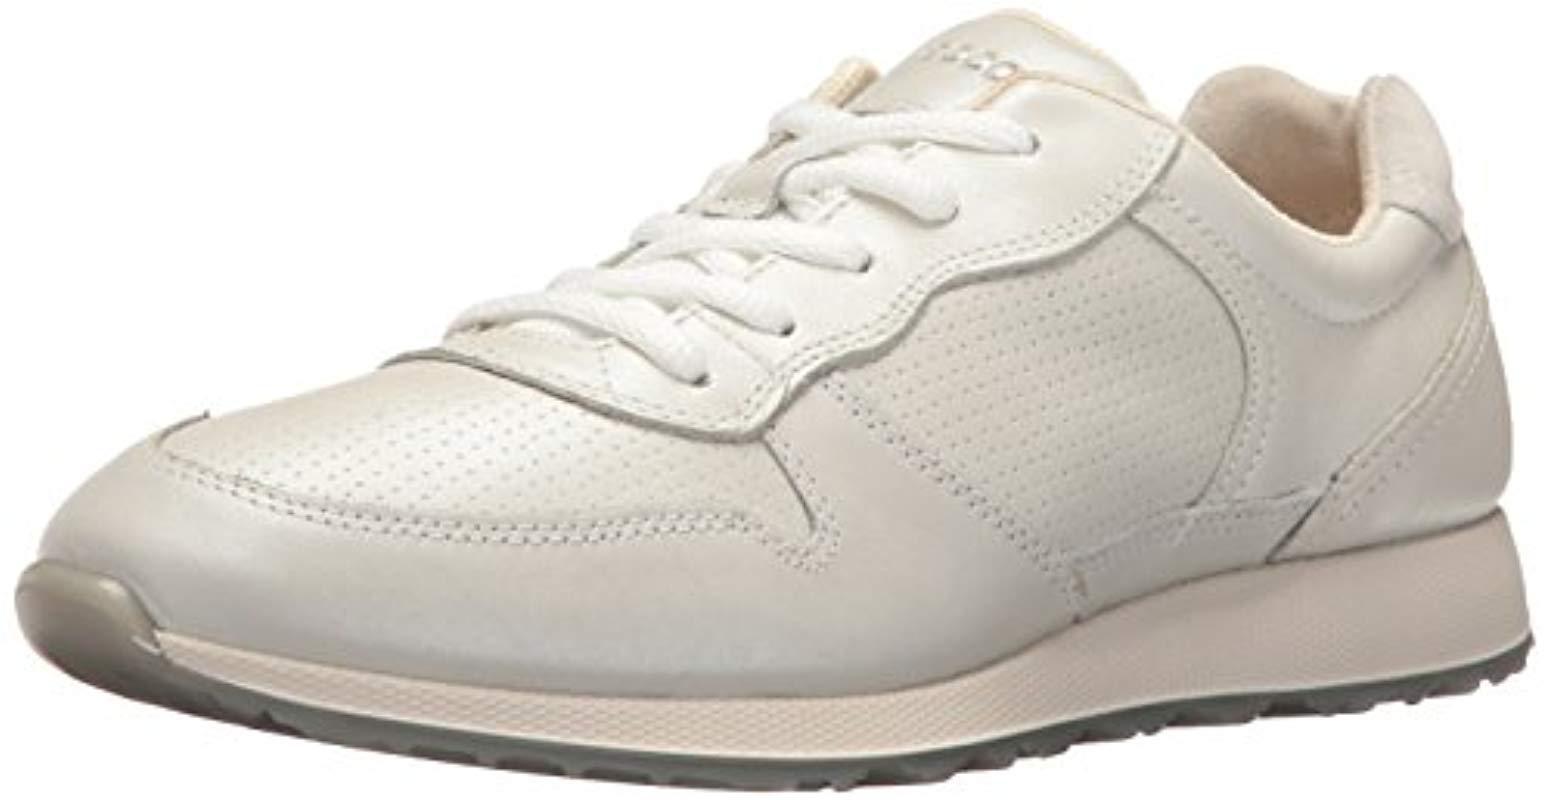 2a3f9b6e08bc Lyst - Ecco Sneak Retro Tie Fashion Sneaker in White - Save 20%